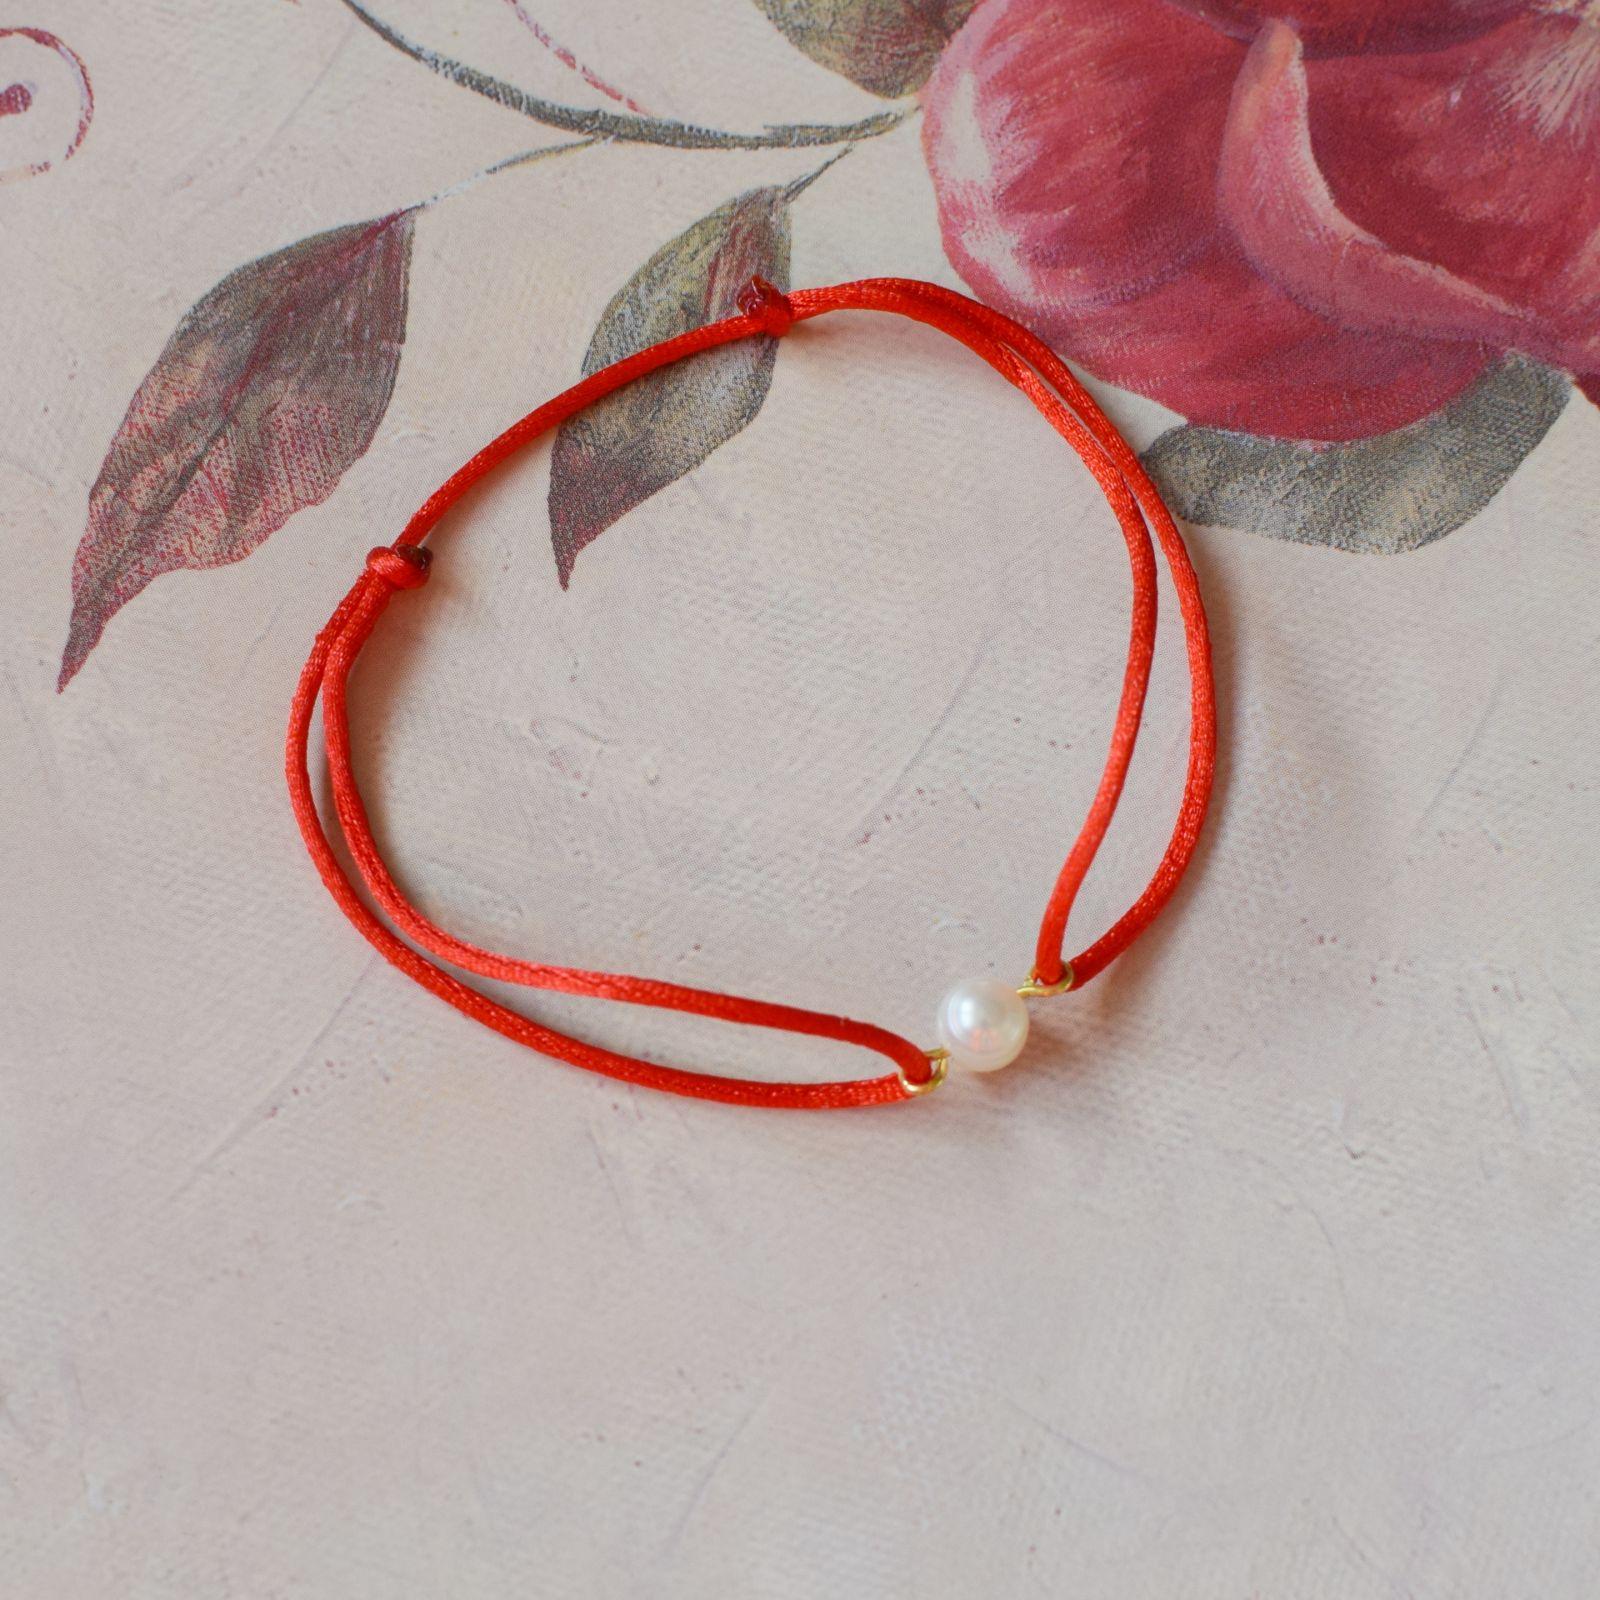 Dámský náramek s říční perlou červený